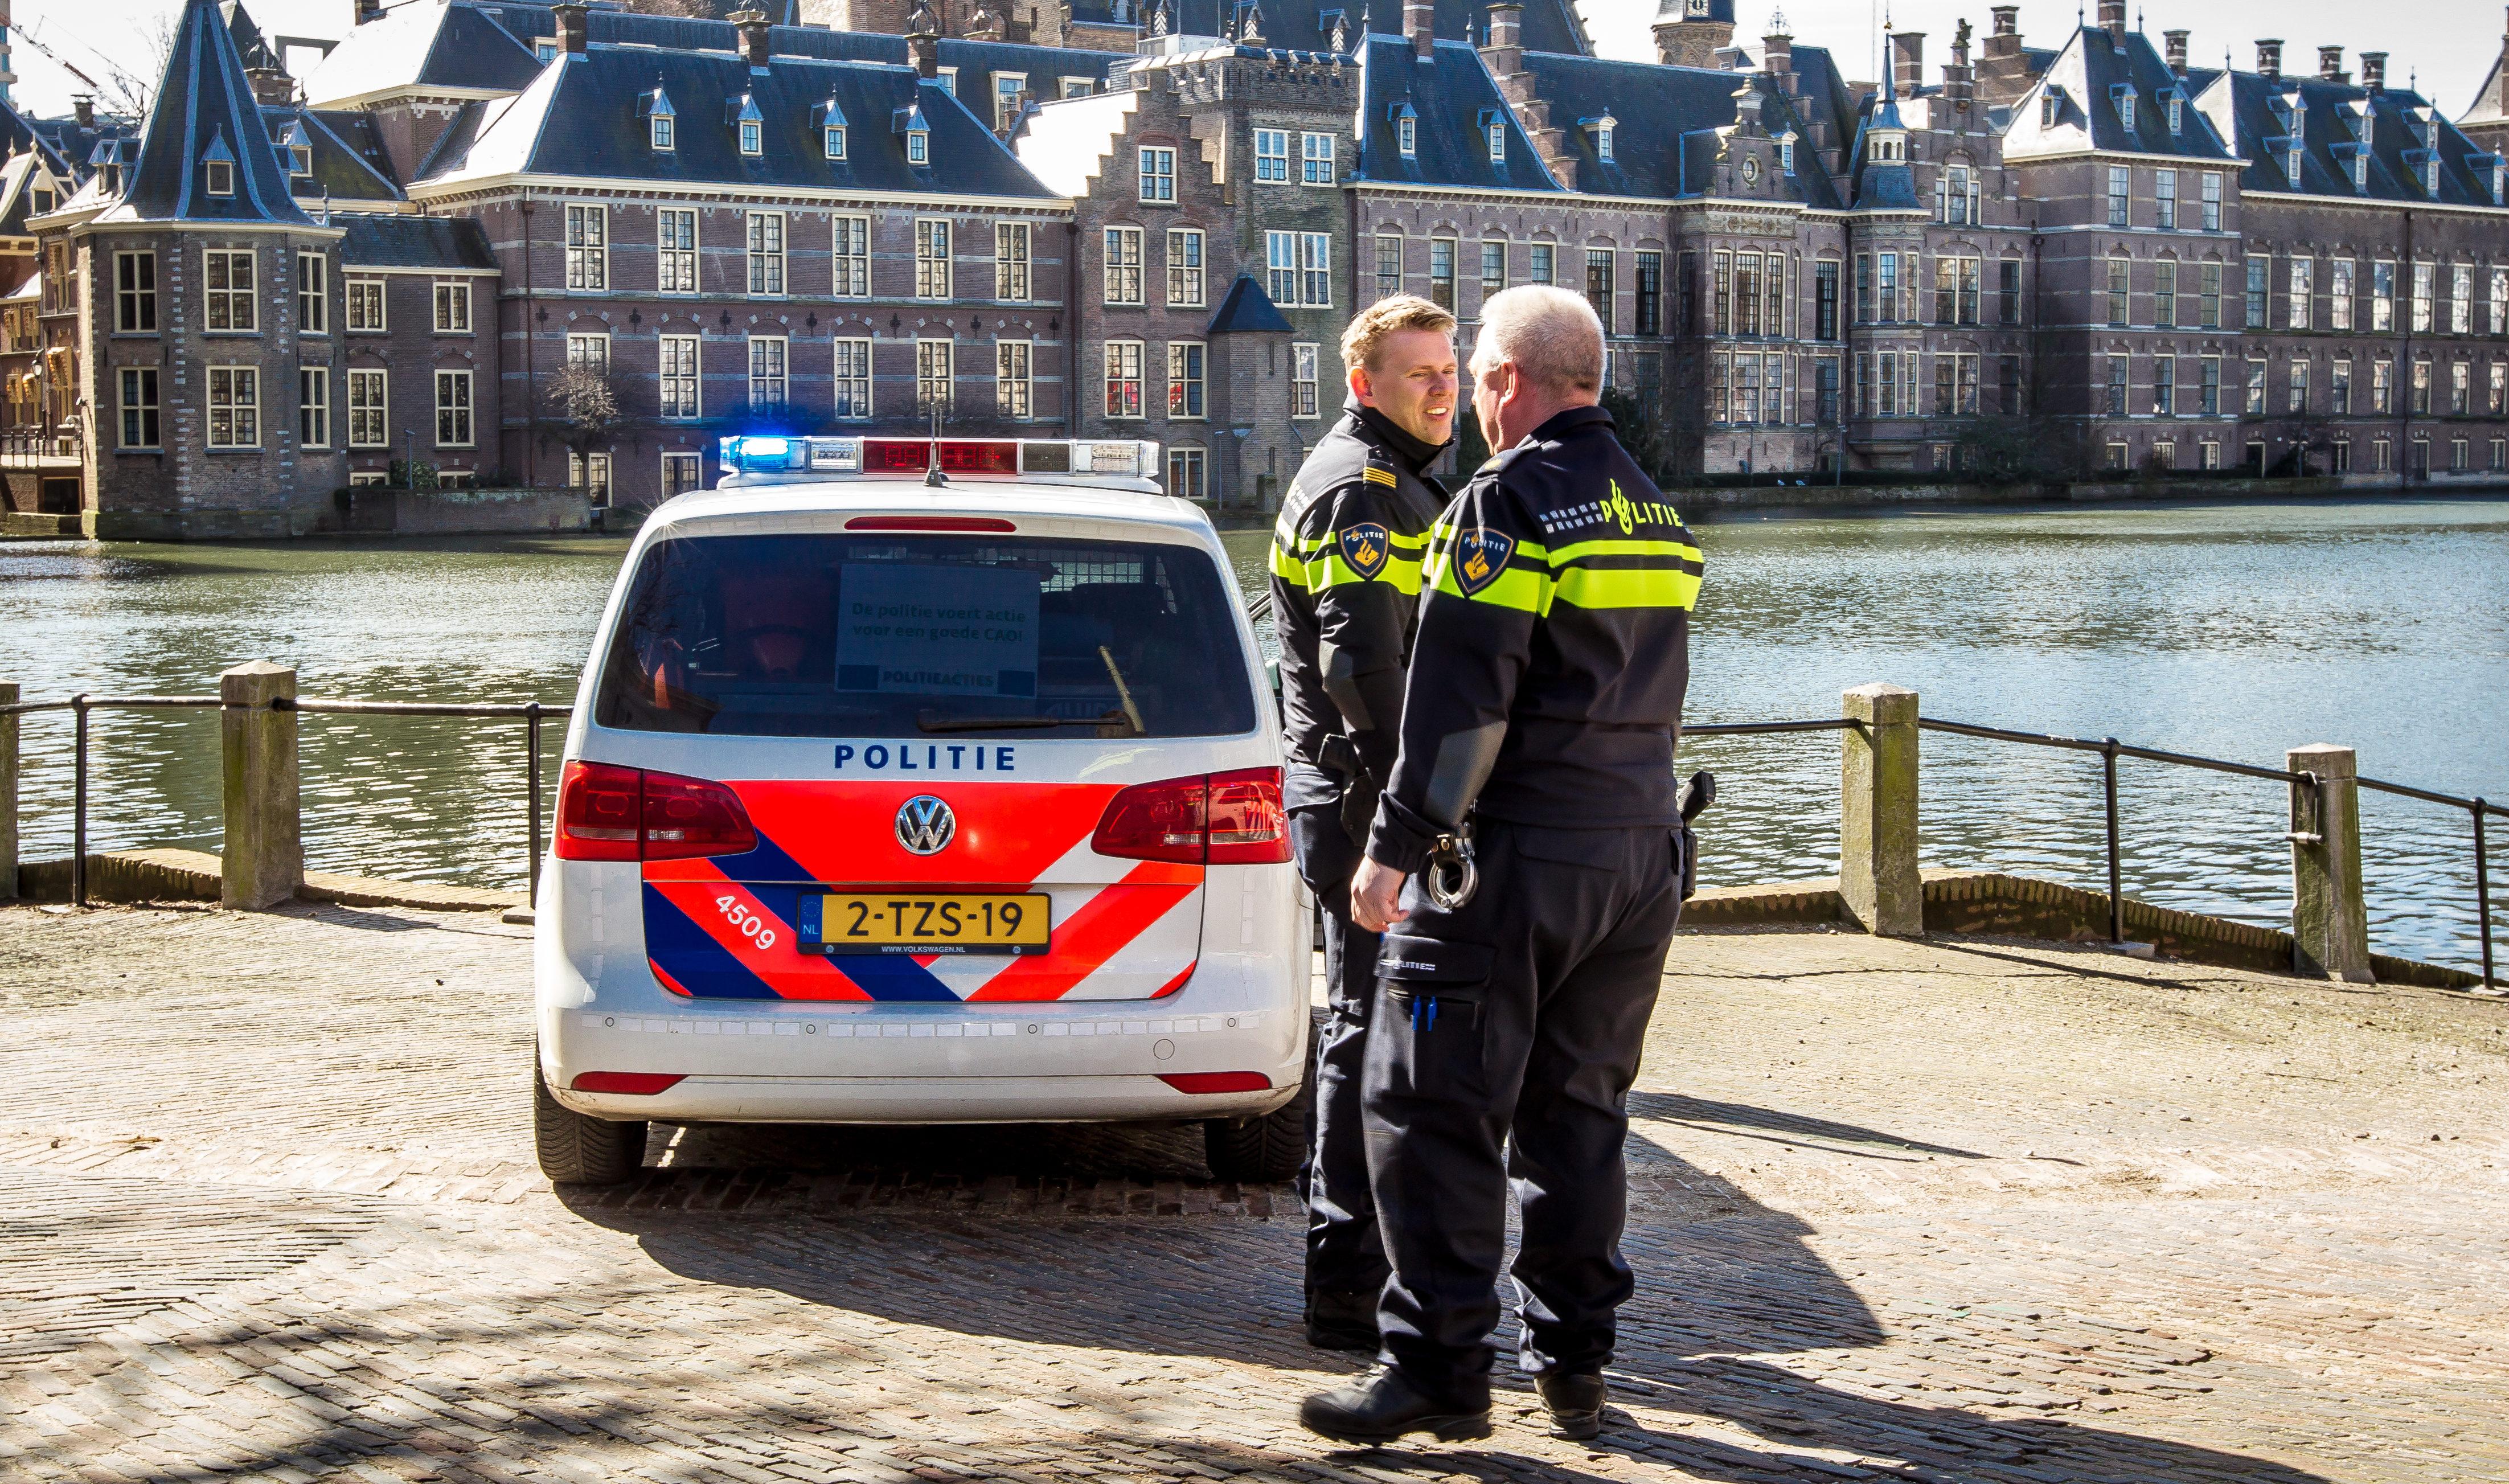 Actie: Politie stopt met innen geldboetes